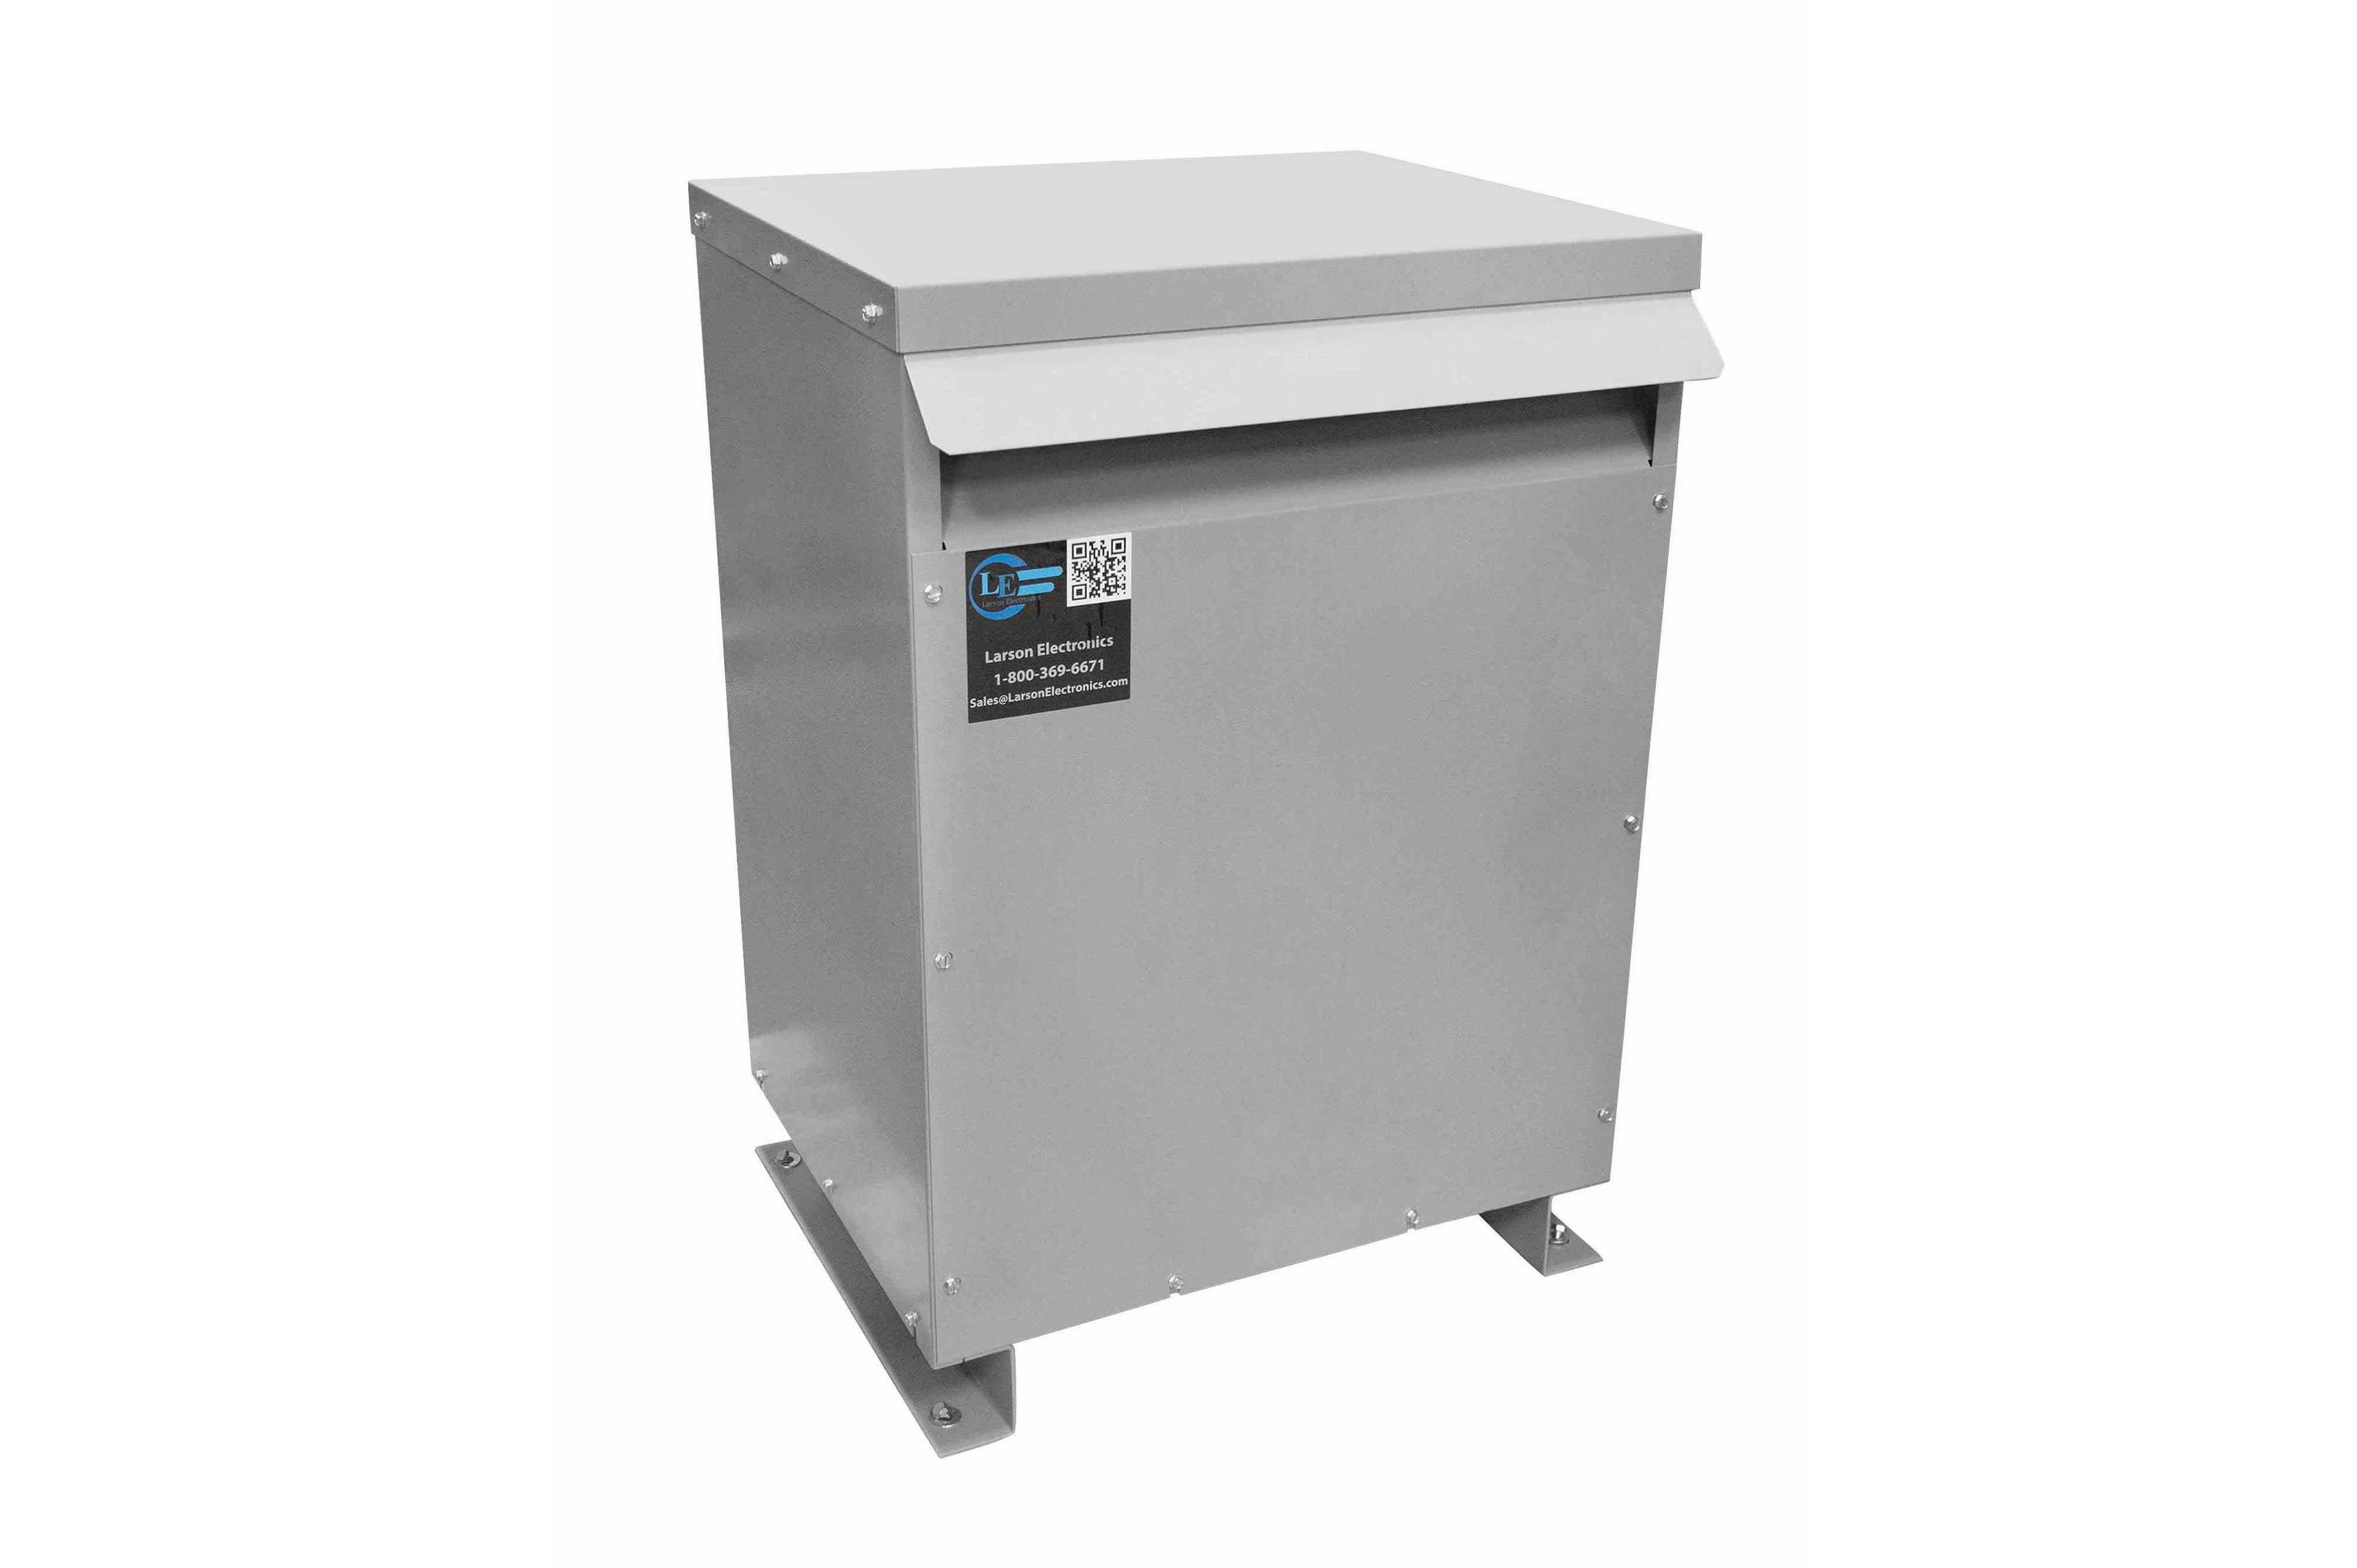 225 kVA 3PH DOE Transformer, 460V Delta Primary, 240V/120 Delta Secondary, N3R, Ventilated, 60 Hz